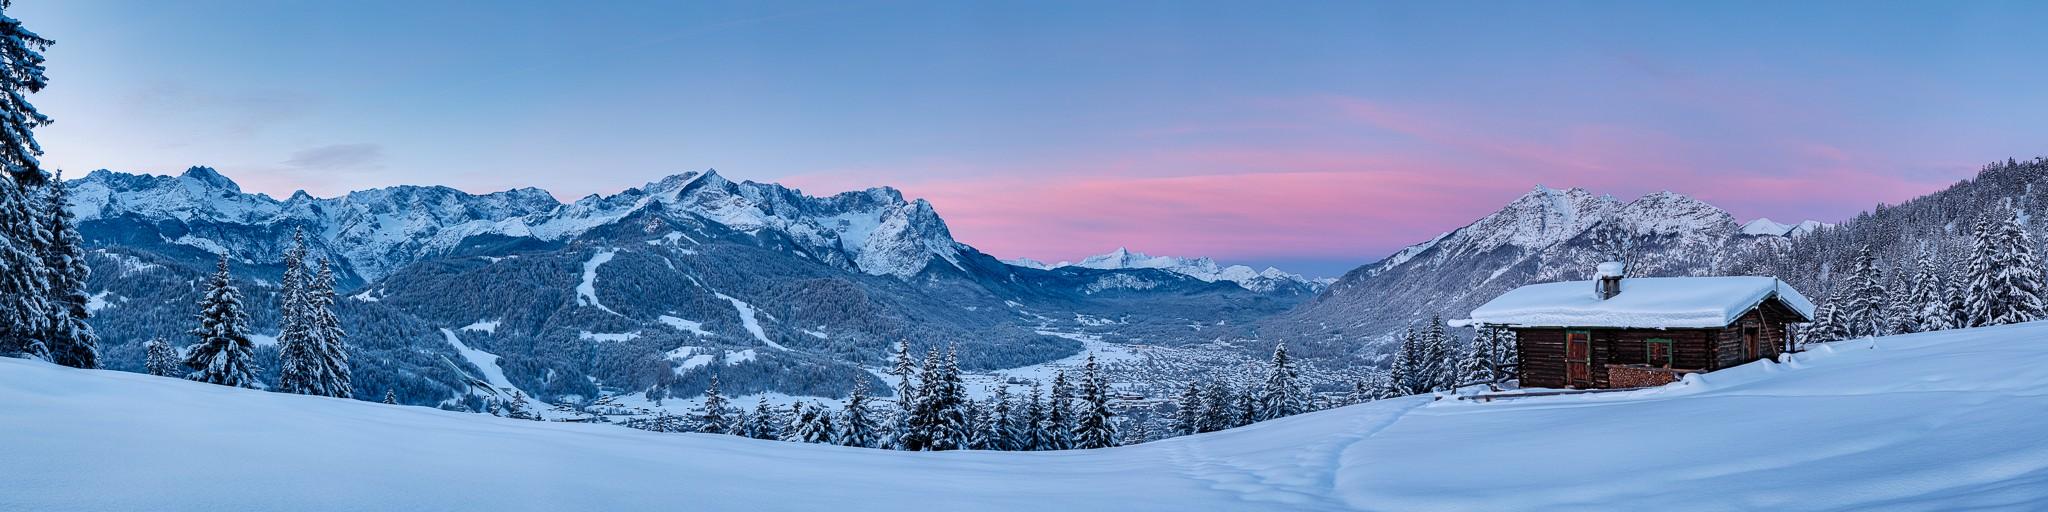 Blaue Stunde - Winter in Garmisch-Partenkirchen